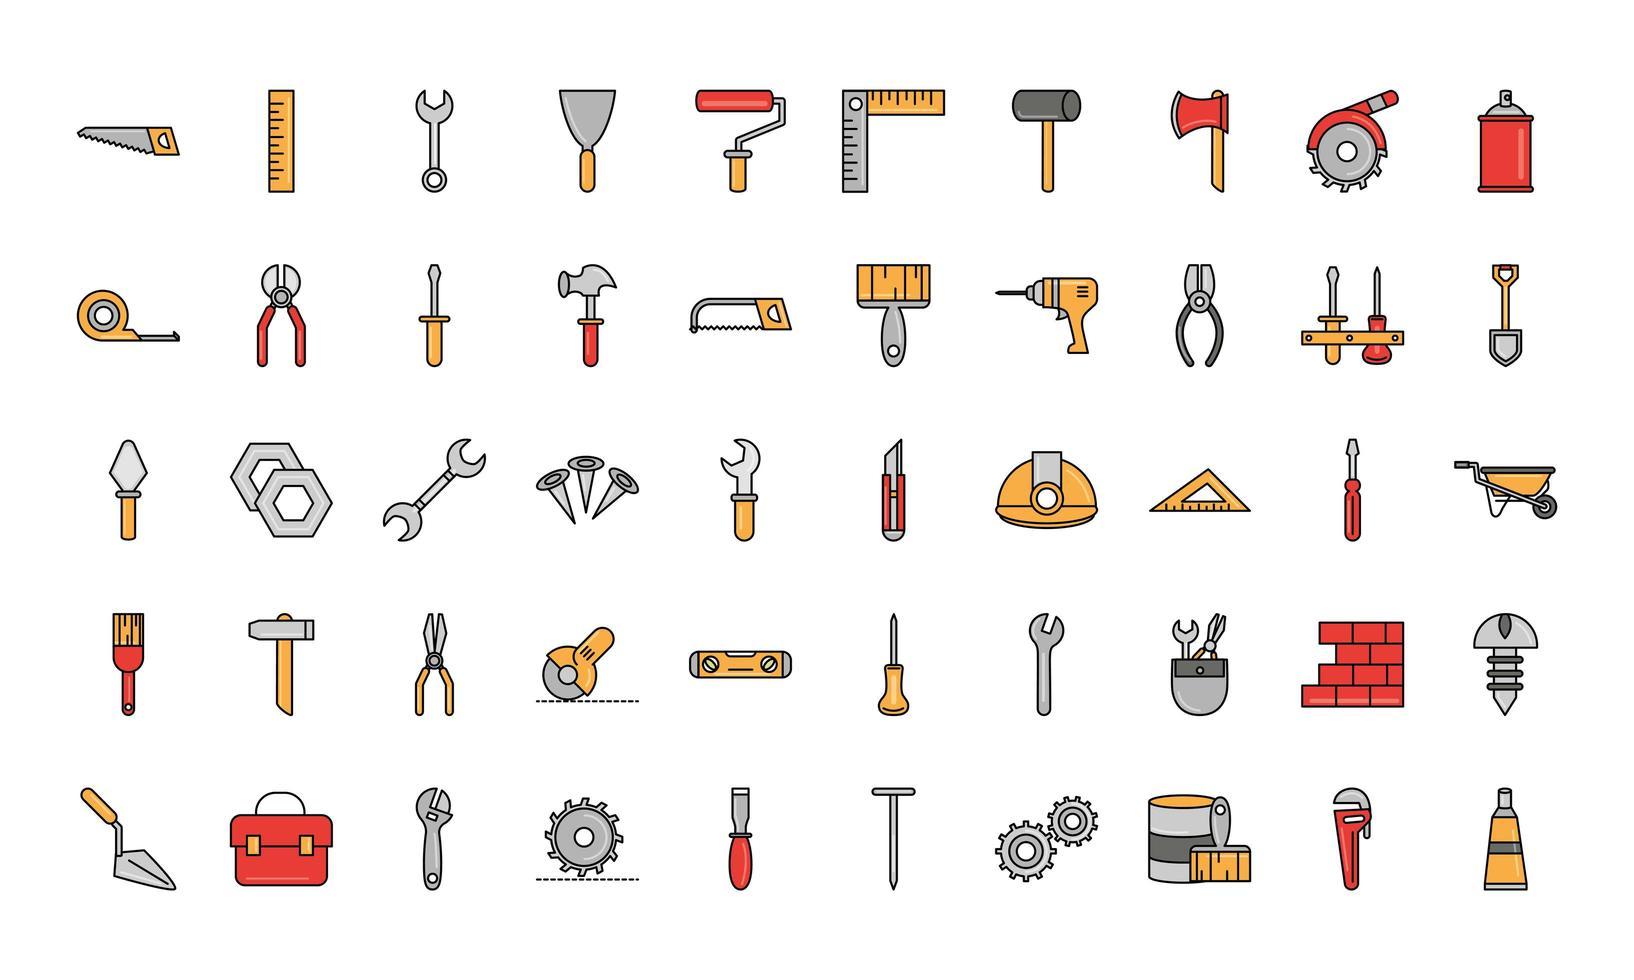 Reparación de herramientas y equipos de construcción, línea y conjunto de iconos de relleno vector